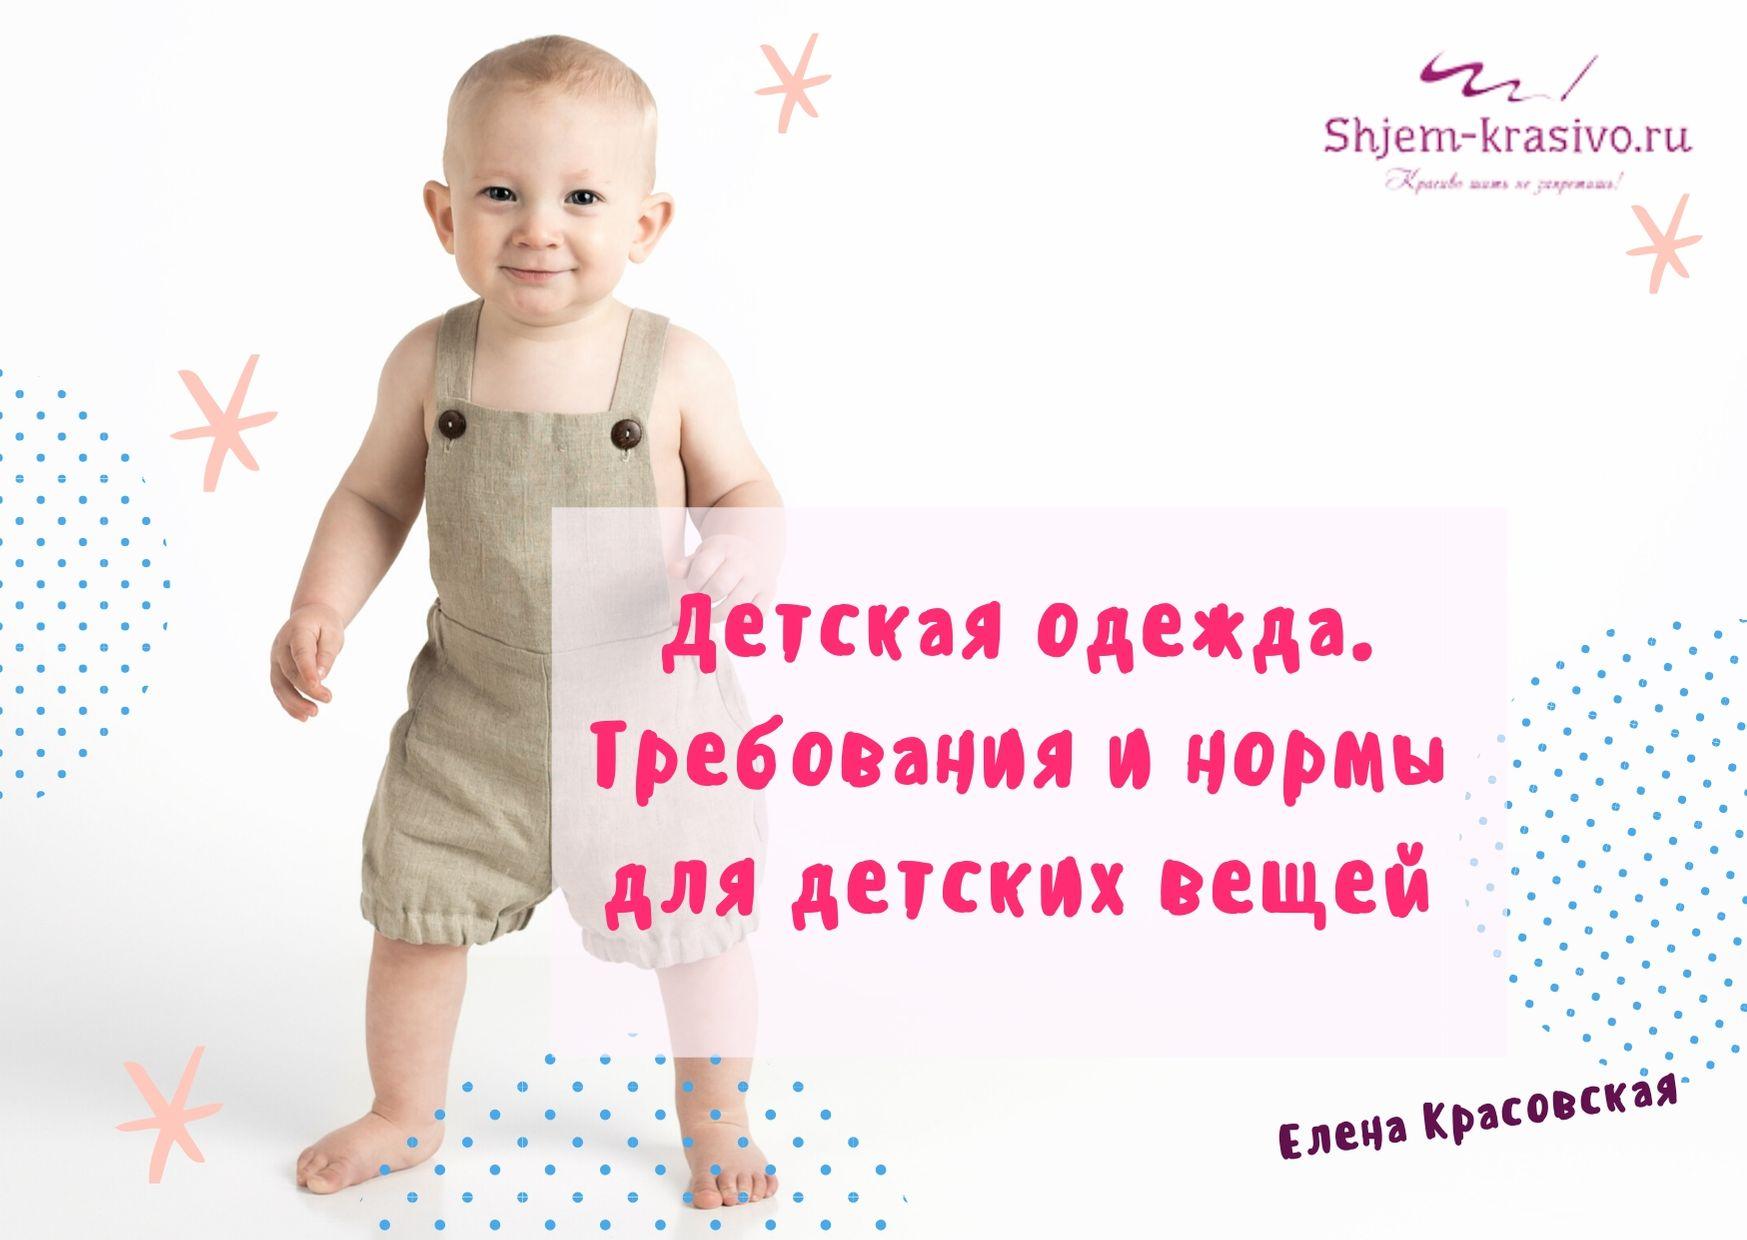 Детская одежда. Требования и нормы для детских вещей